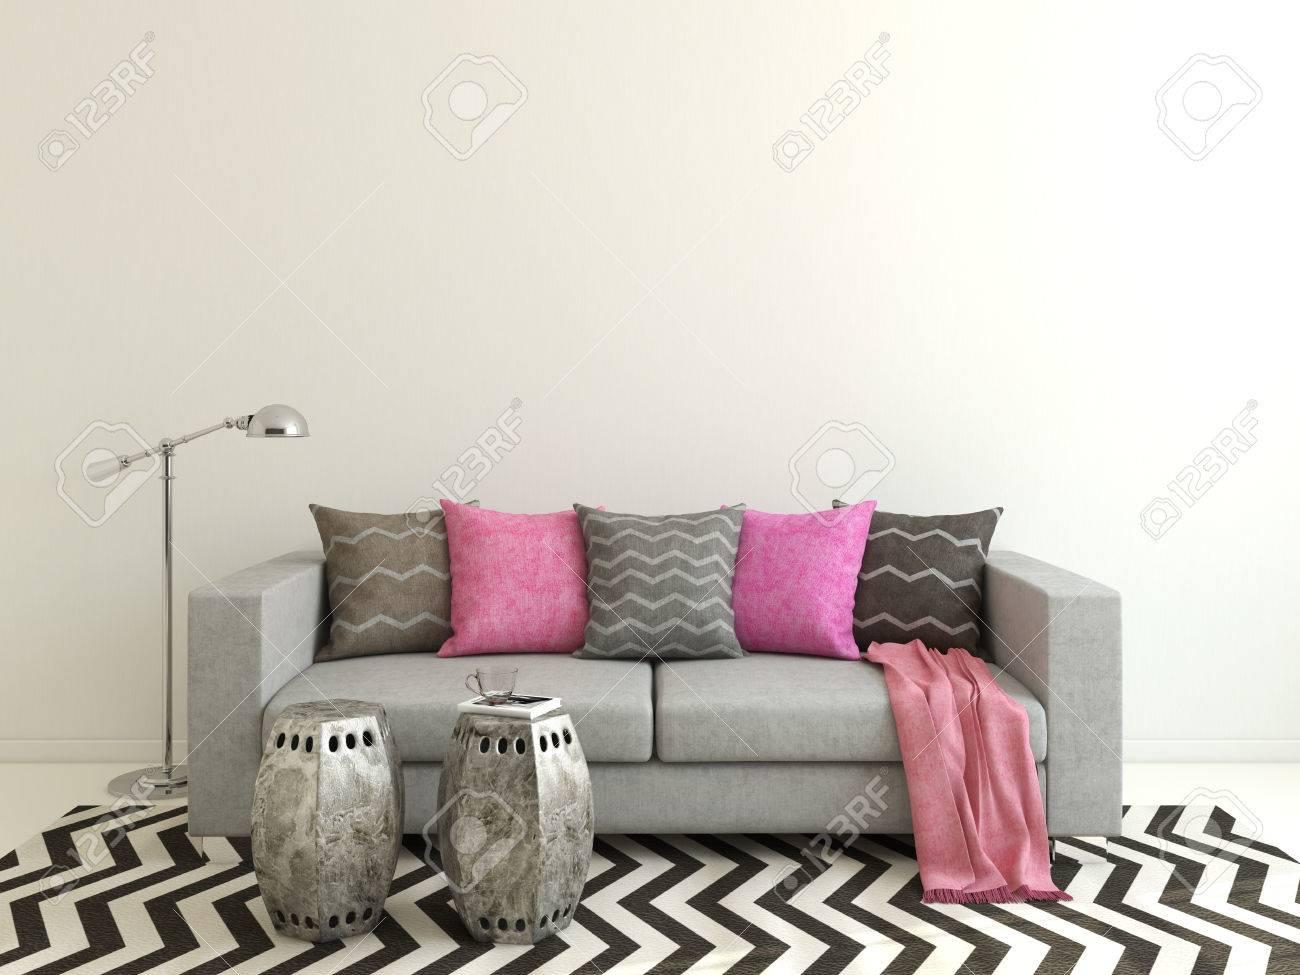 Inredning av modernt vardagsrum med grå soffa. 3d. royalty fria ...